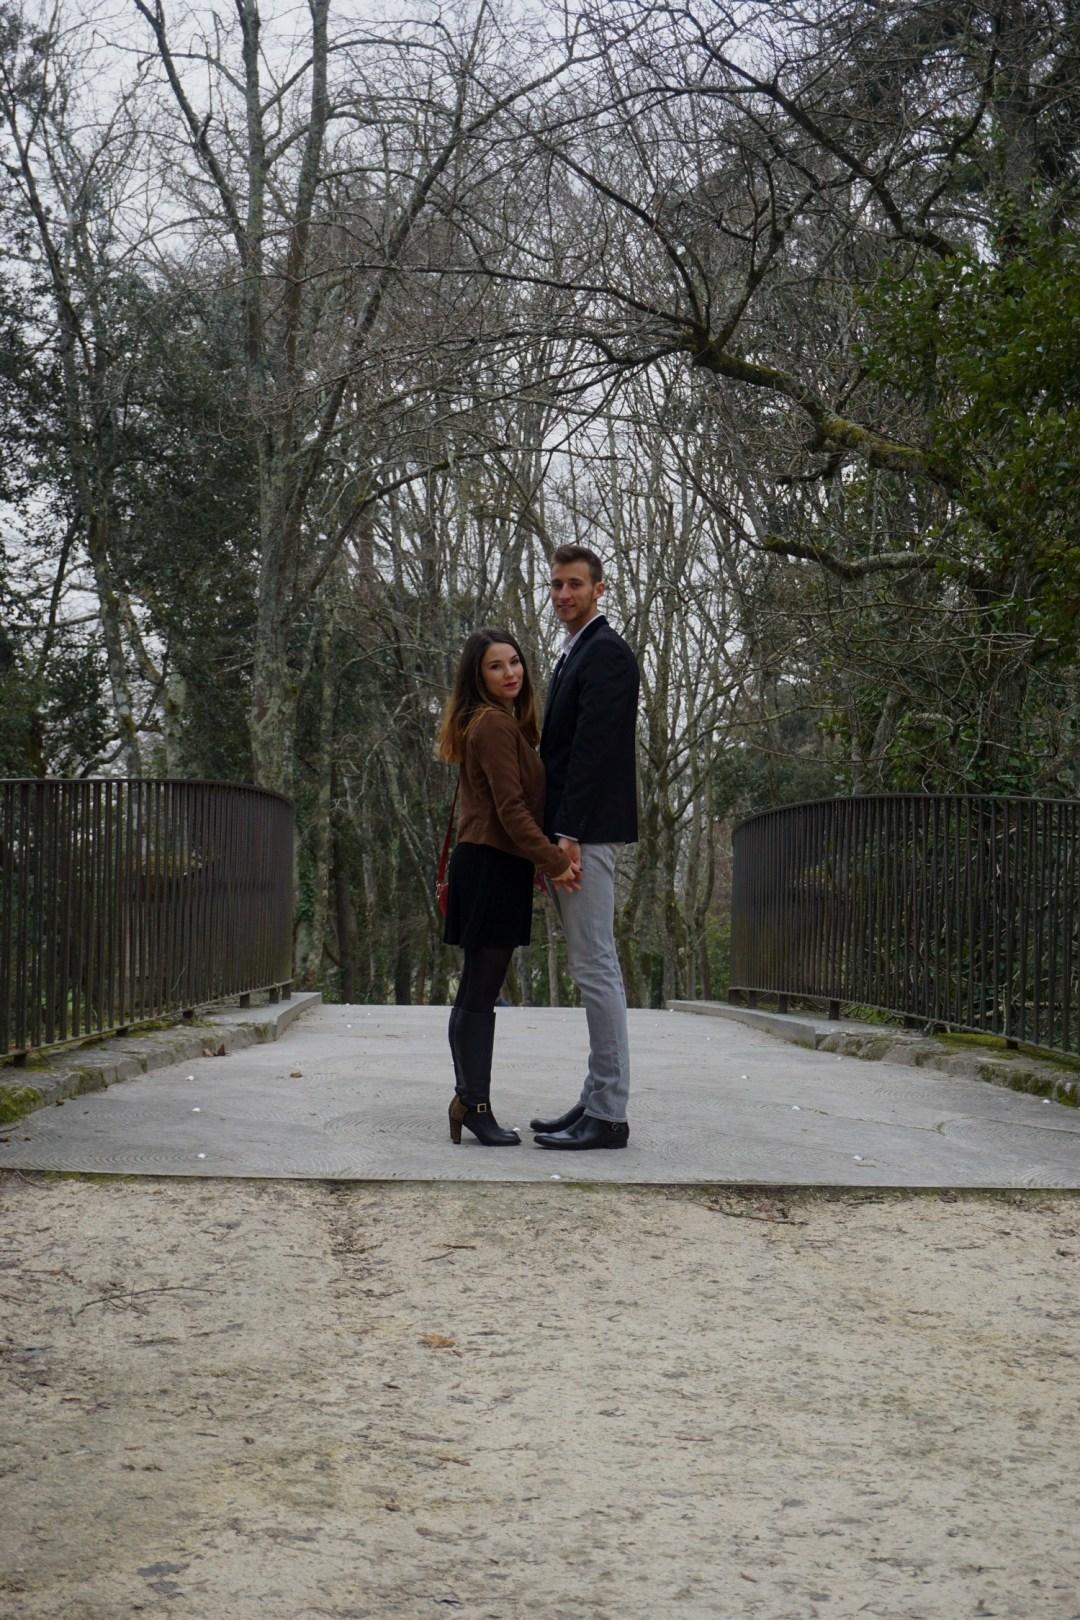 LOOK DE COUPLE POUR LA SAINT VALENTIN PARC MAJOLAN EYSINES BLOG BORDEAUX MODE CORSE 17